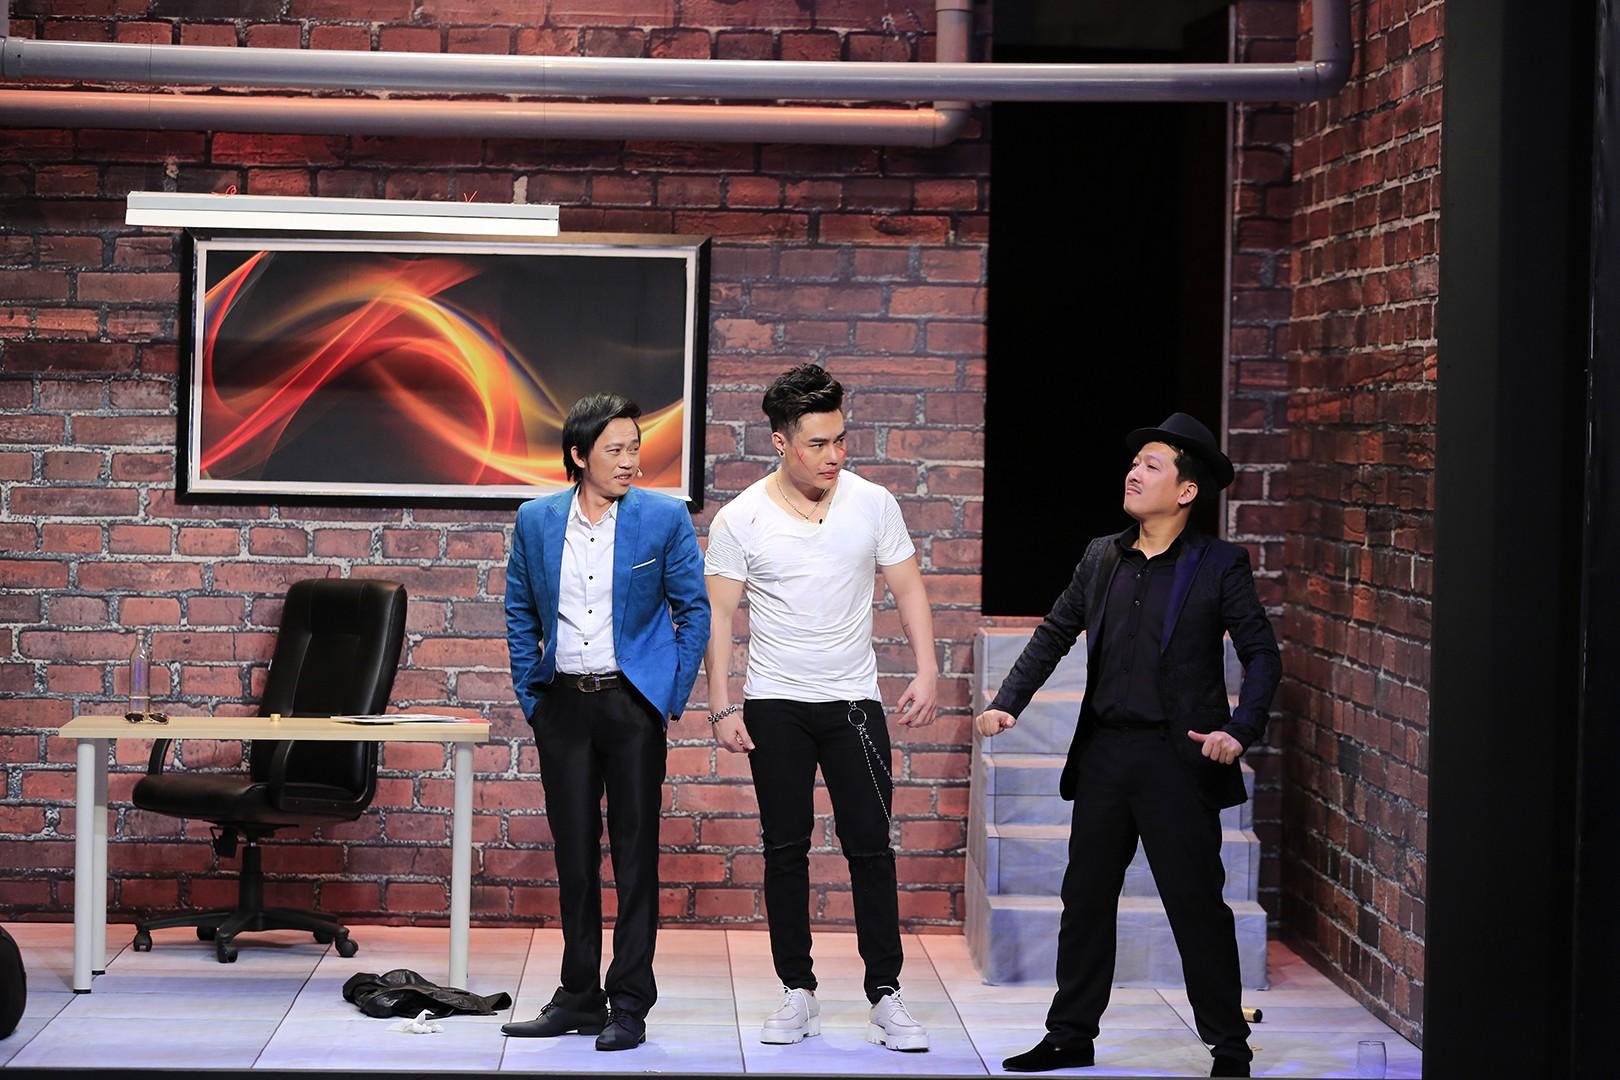 Ơn giời: Giám khảo Hoài Linh phải xông vào phòng Trường Giang để trị Lê Dương Bảo Lâm - Ảnh 2.